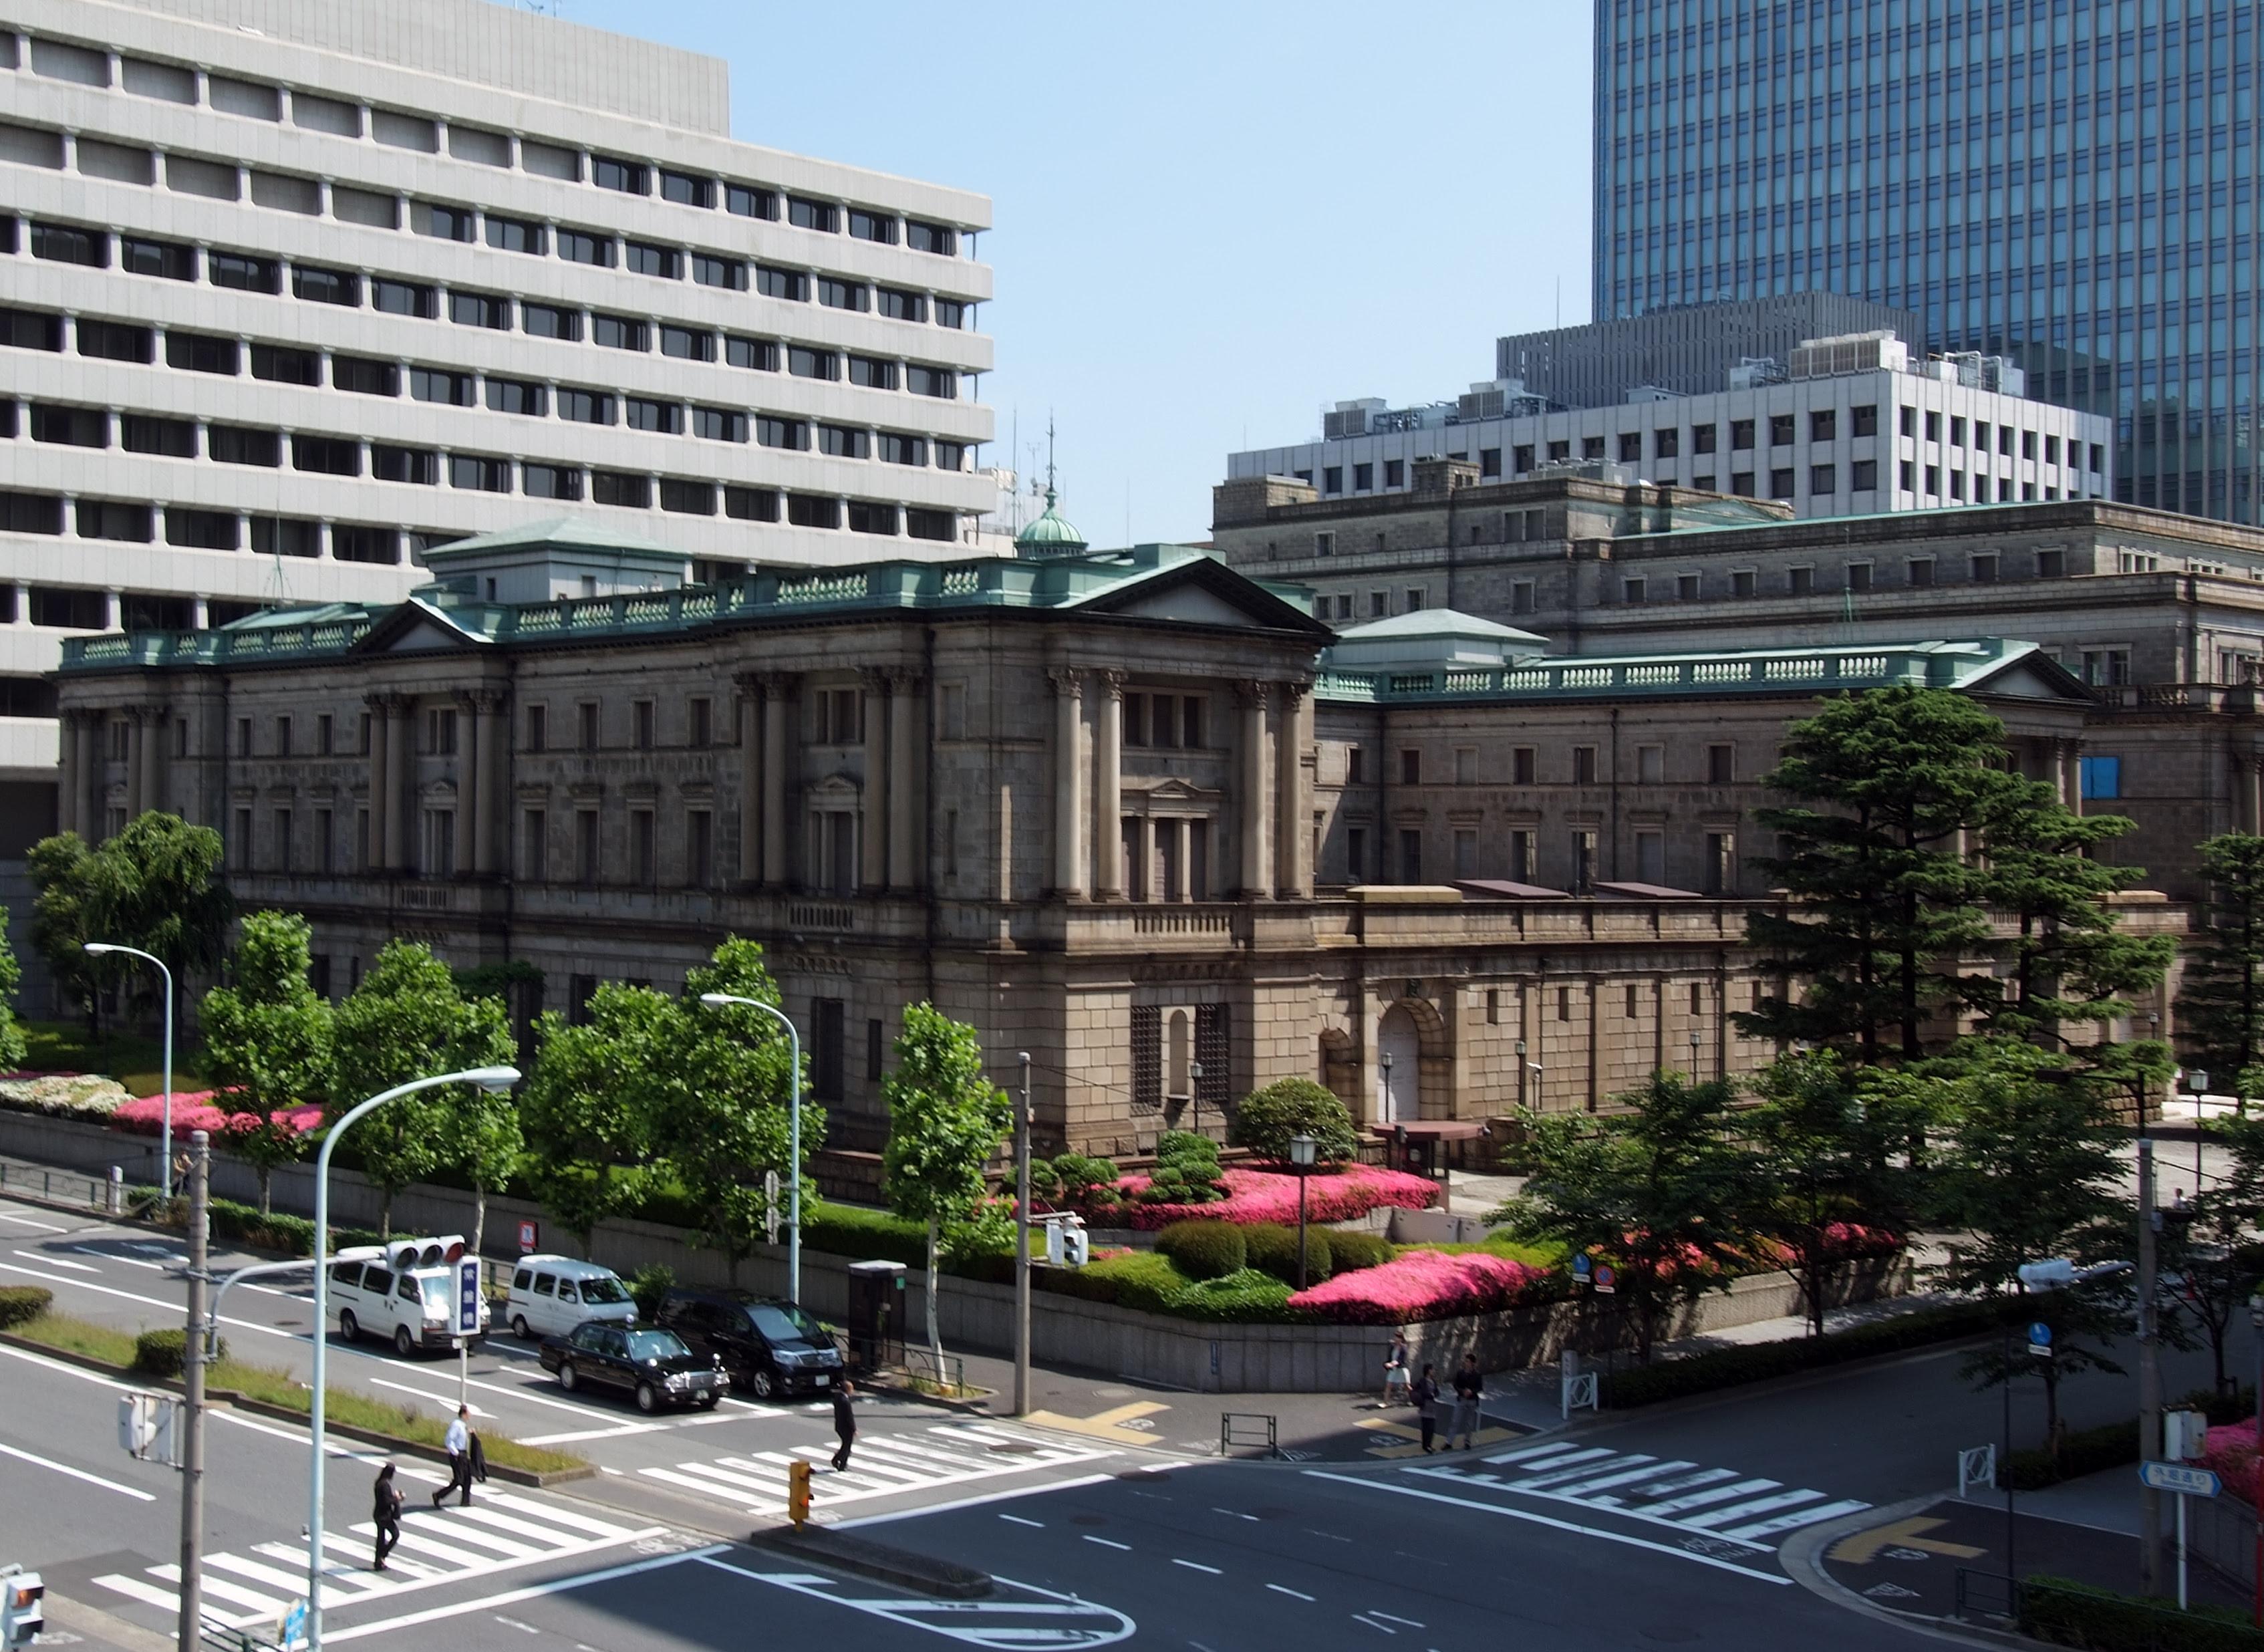 Vista de la sede del Banco de Japón.